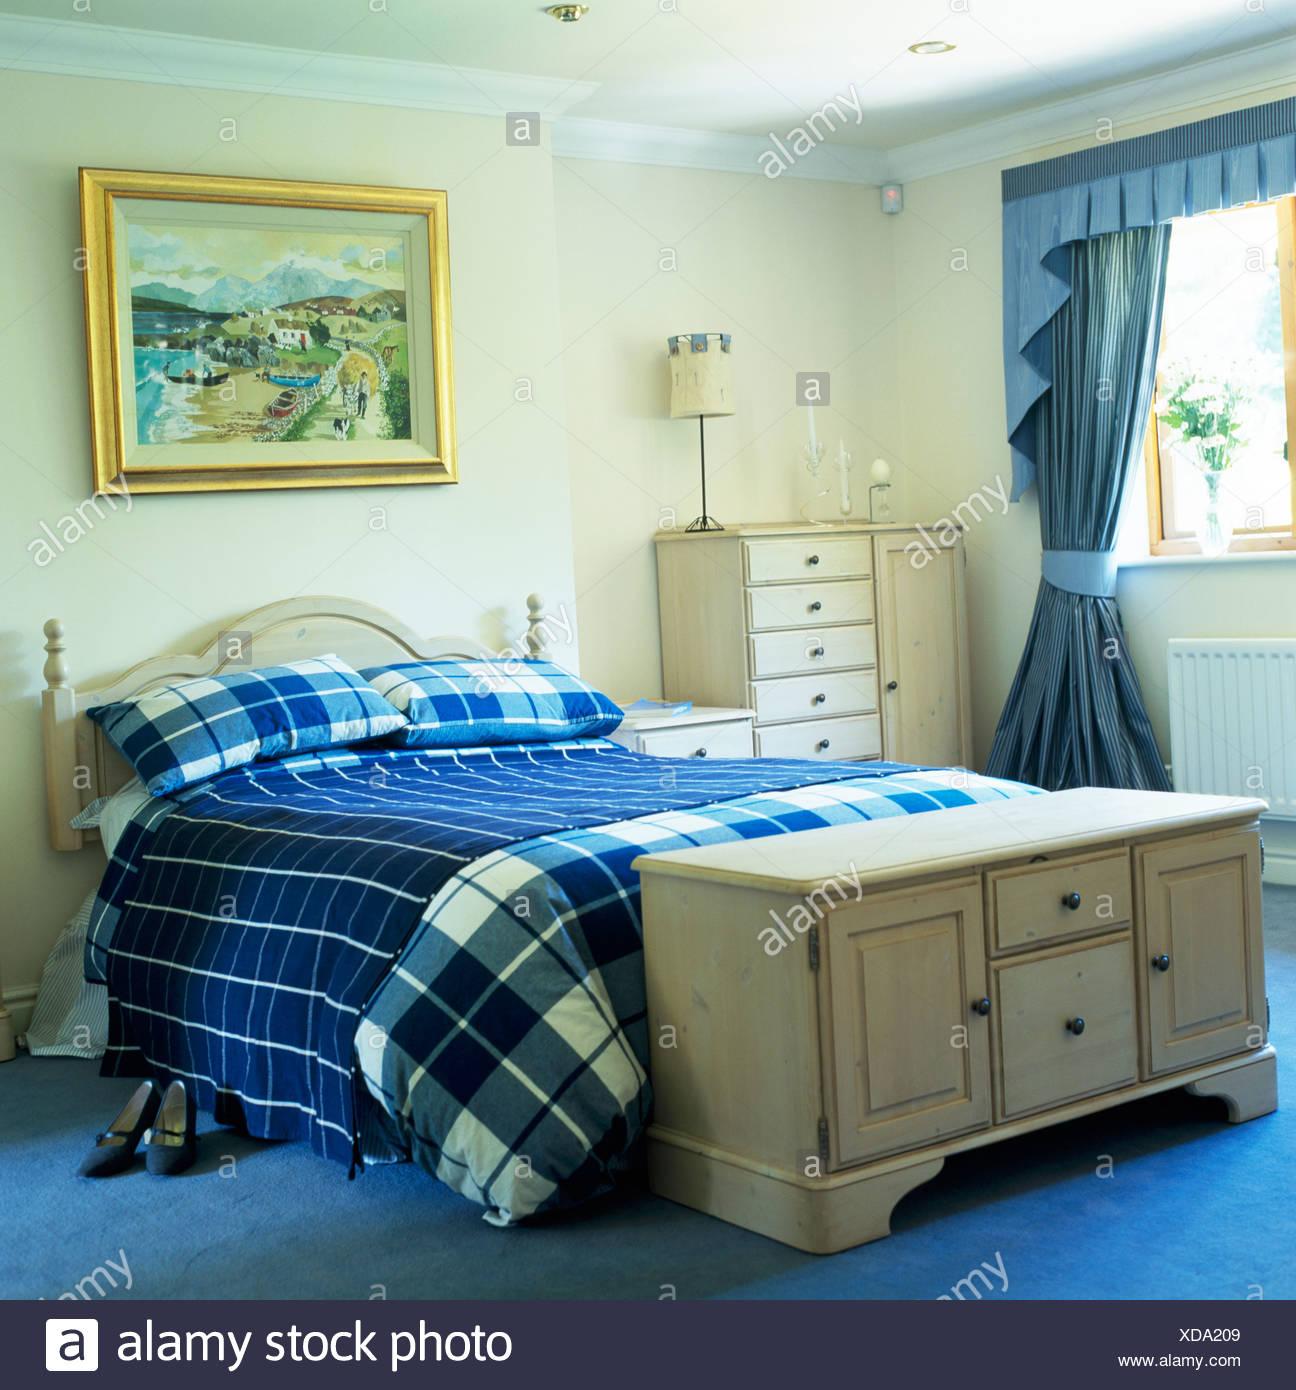 Blasse Holz Brust Unter Bett Mit Blauen Aufgegebenes Bettdecke Und Wurf In Creme  Schlafzimmer Mit Tief Blauen Teppich Und Vorhänge